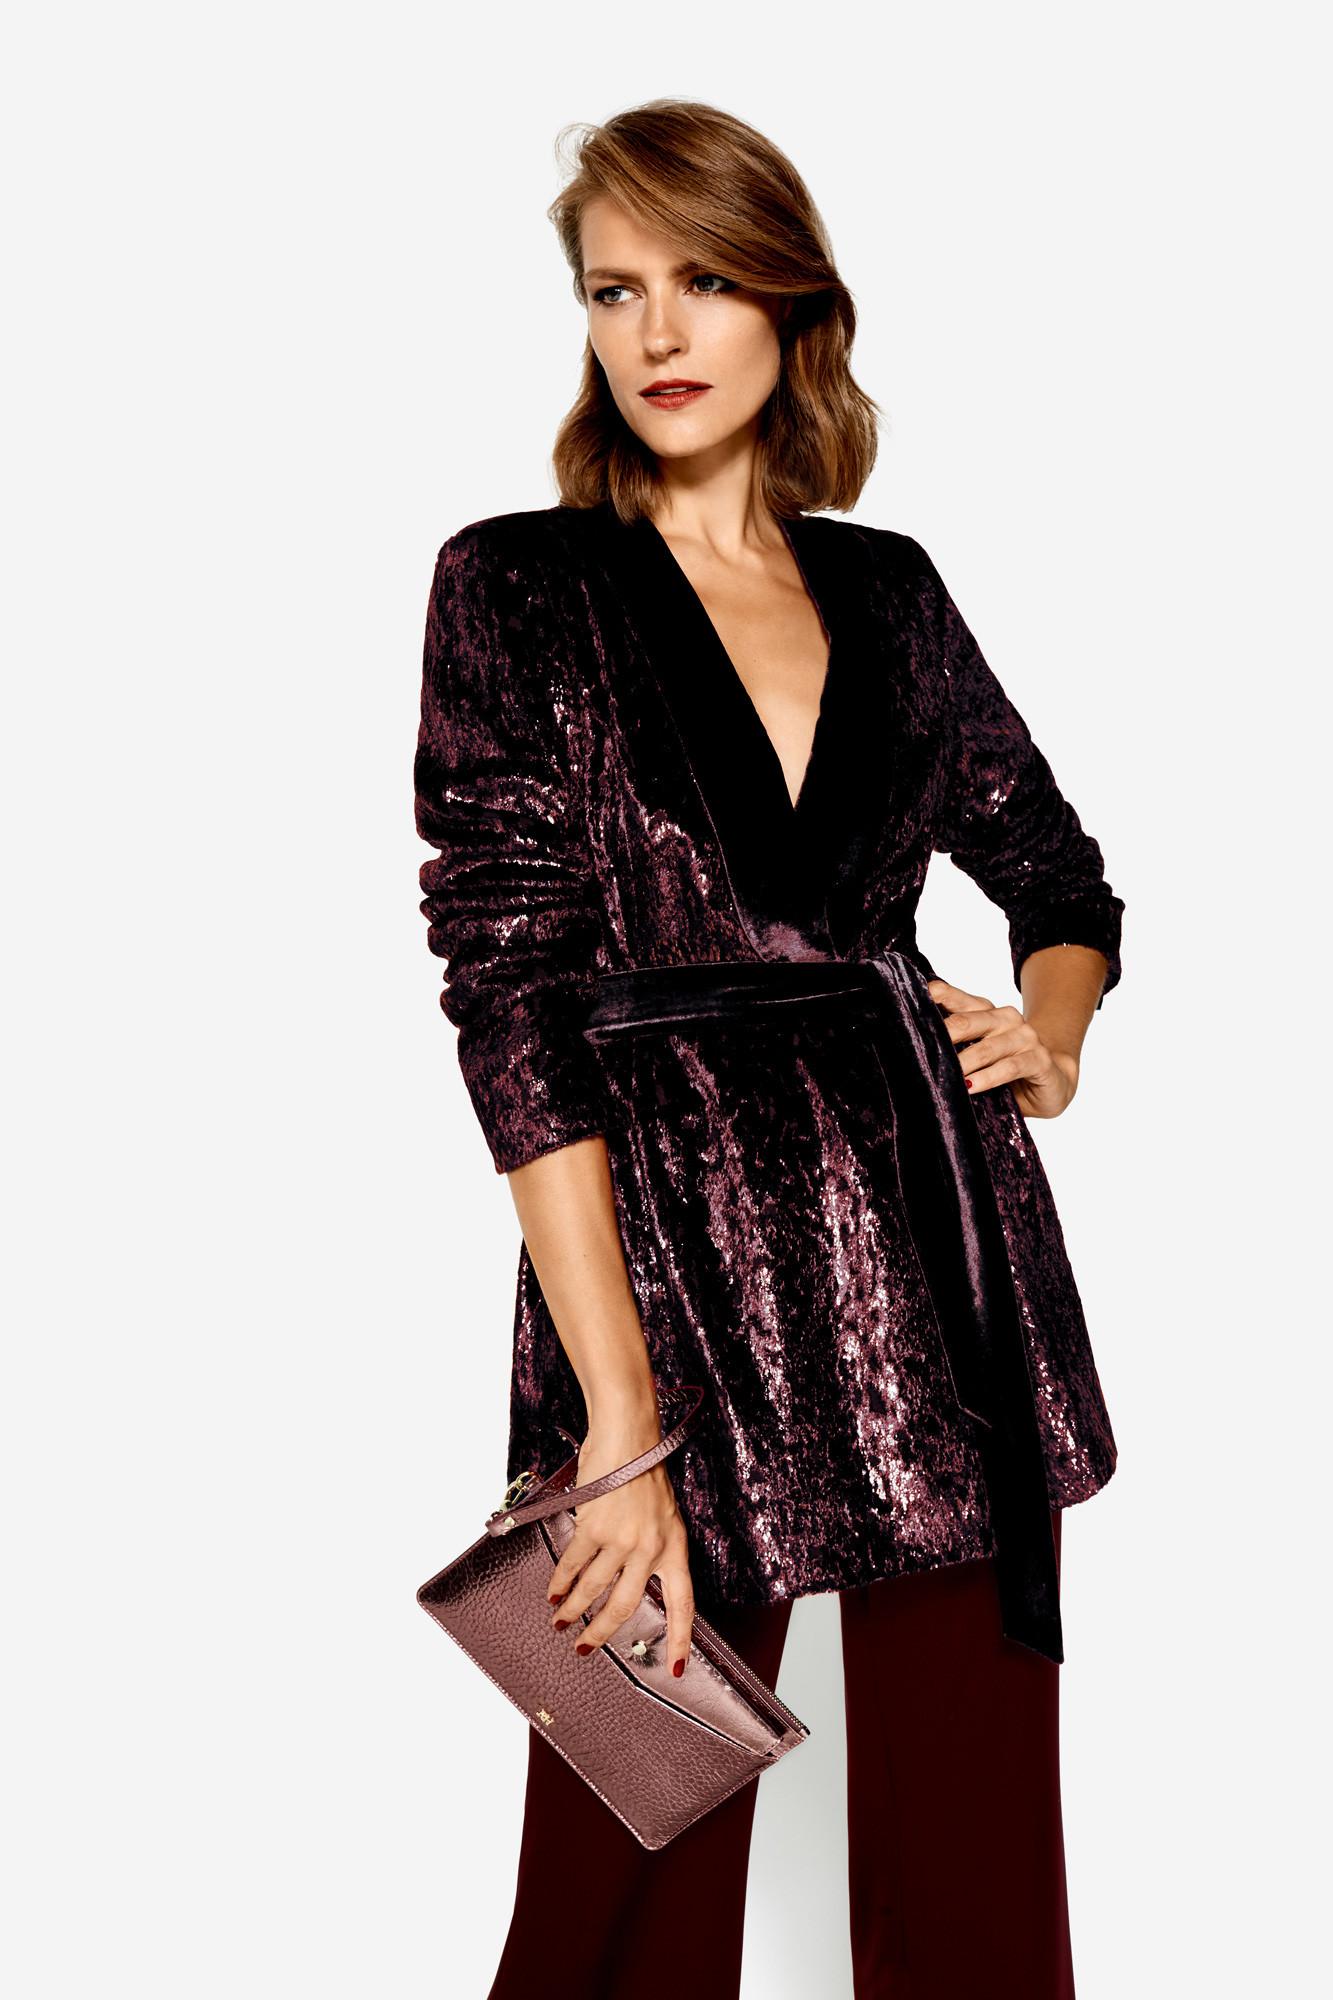 Vestidos fiesta pedro del hierro 2019